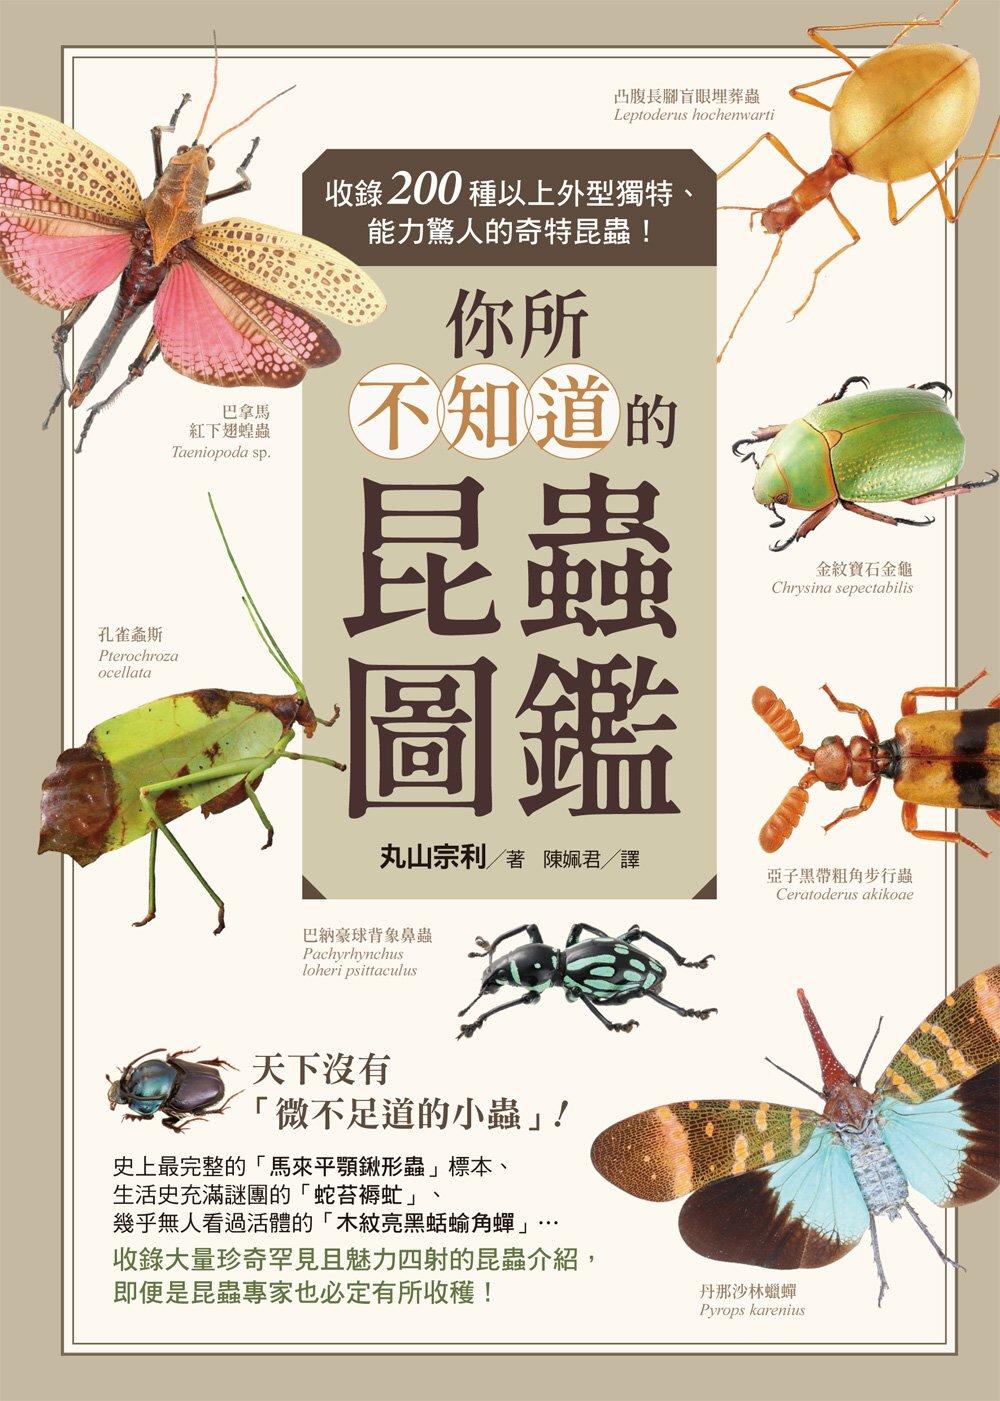 你所不知道的昆蟲圖鑑:收錄200種以上外型獨特、能力驚人的奇特昆蟲!